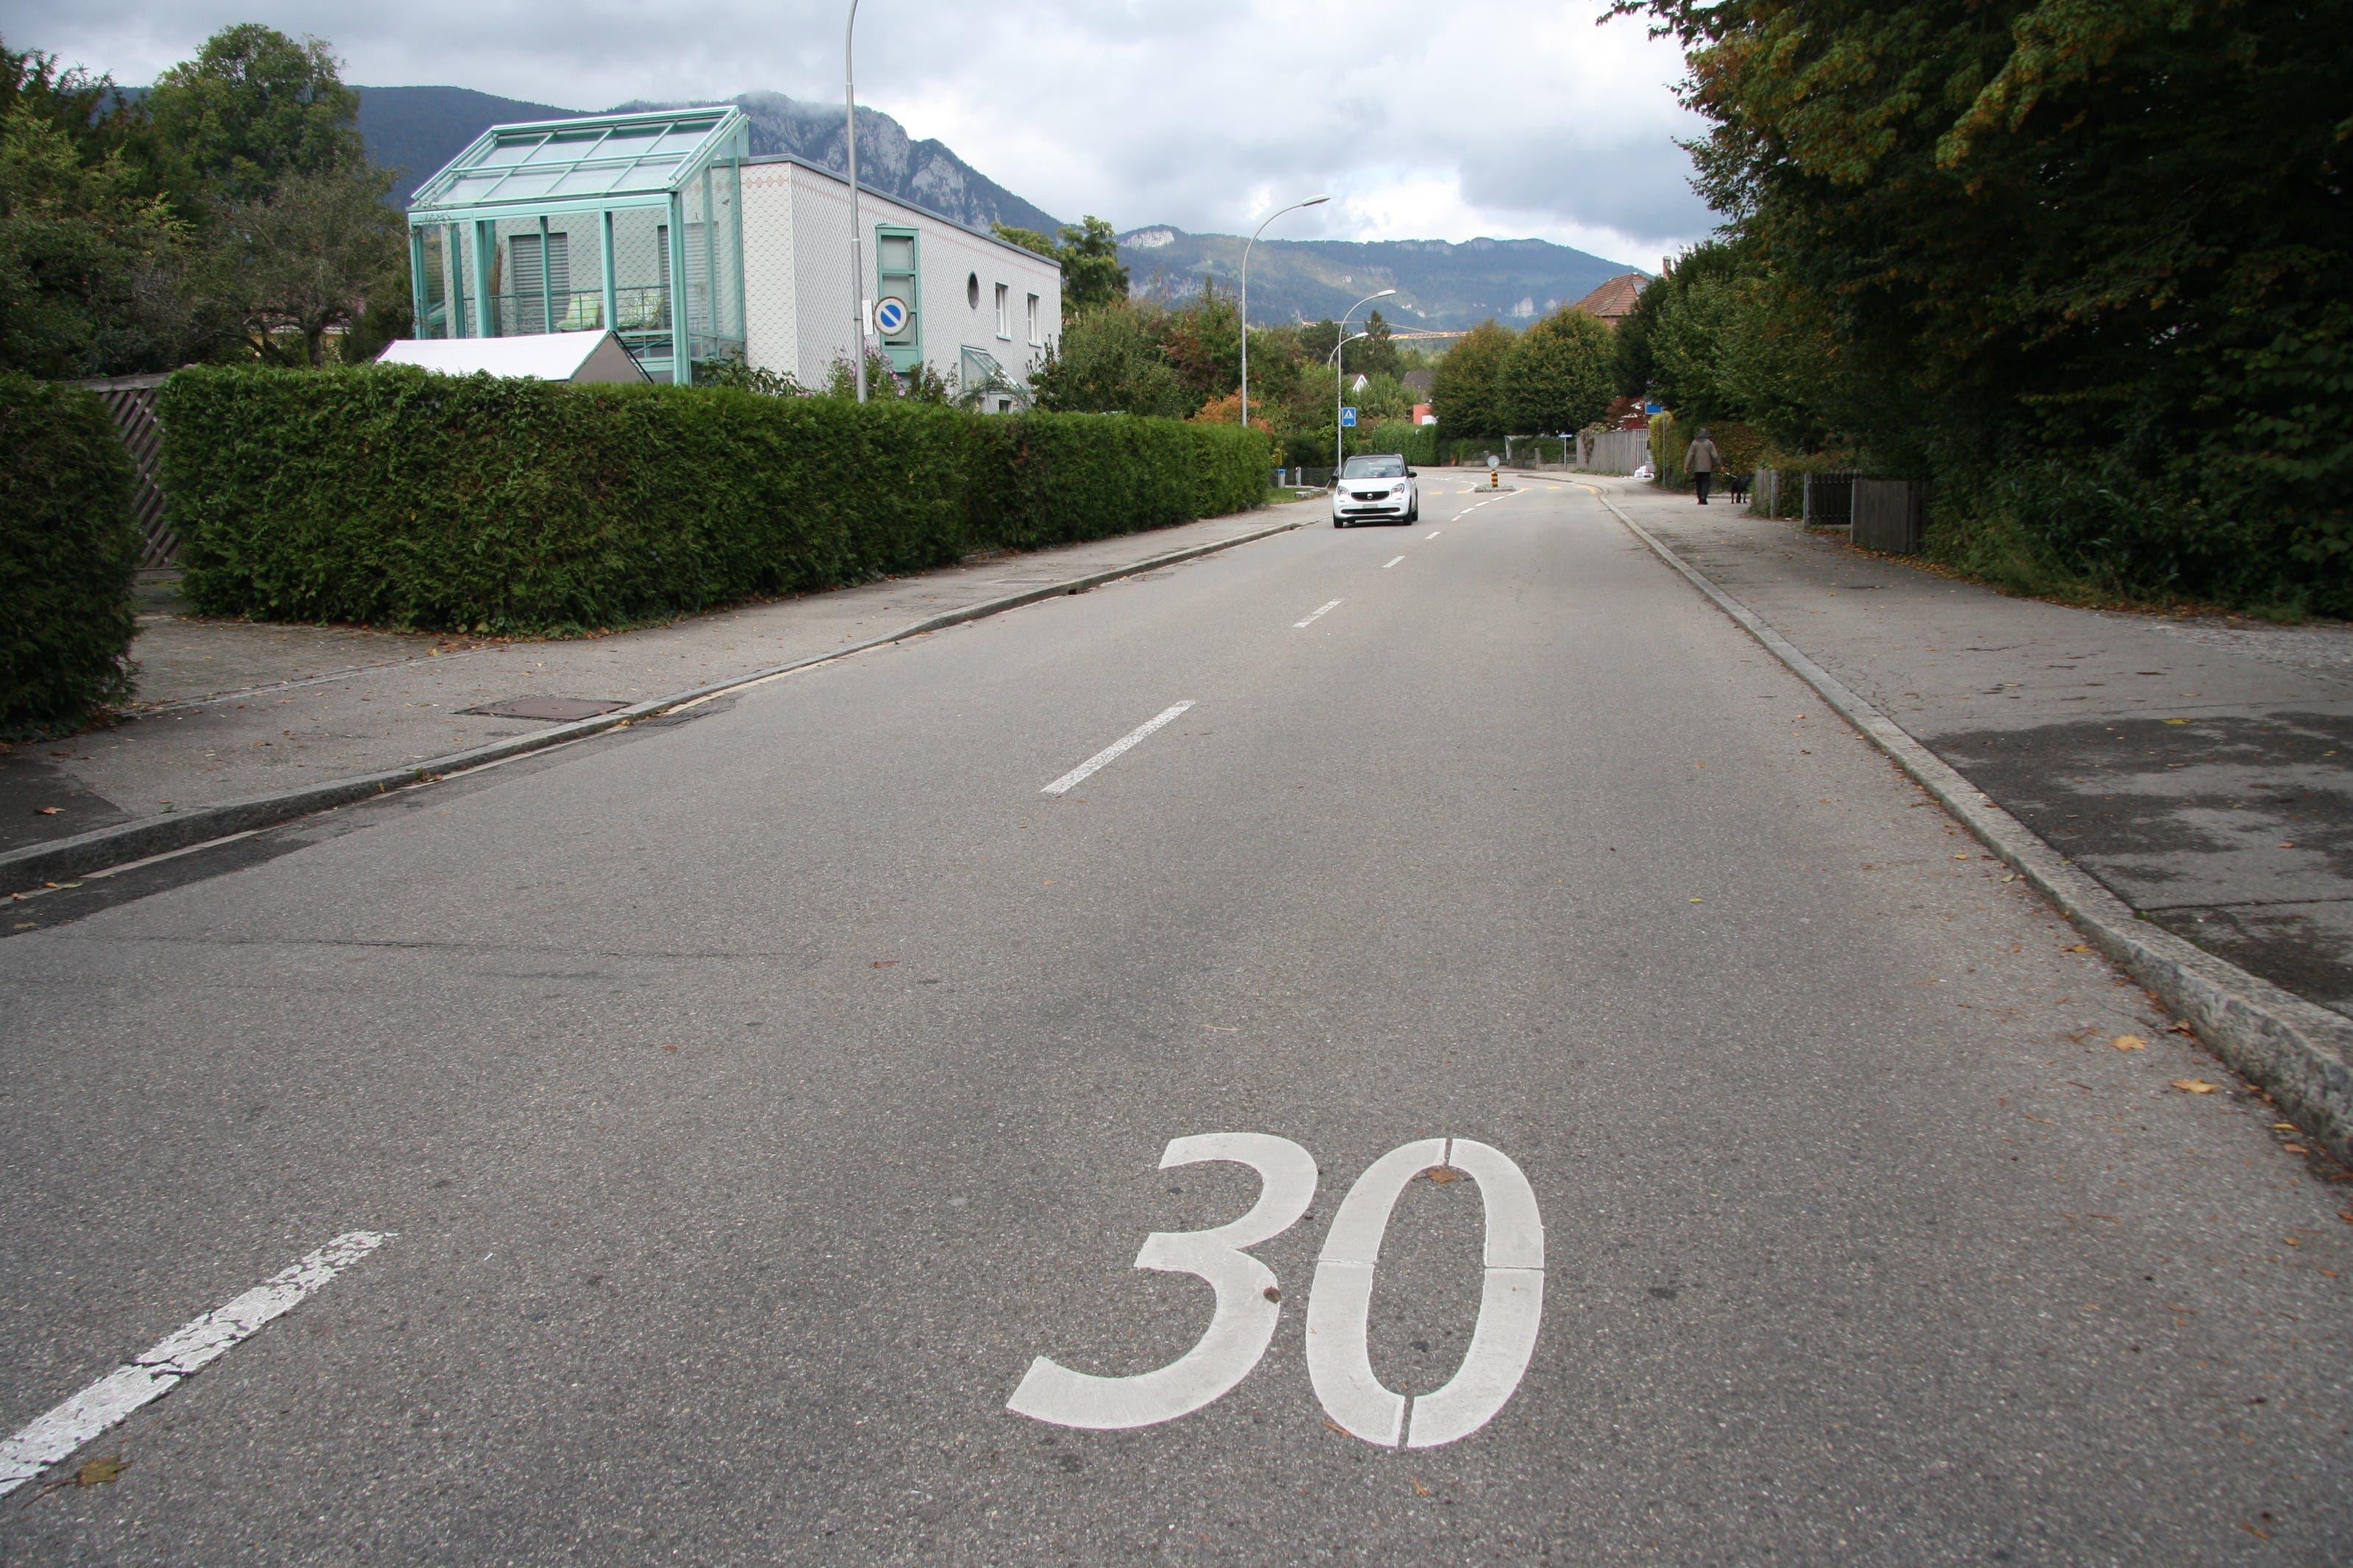 Die St. Niklausstrasse ist über weite Strecken schnurgerade, breit und übersichtlich.